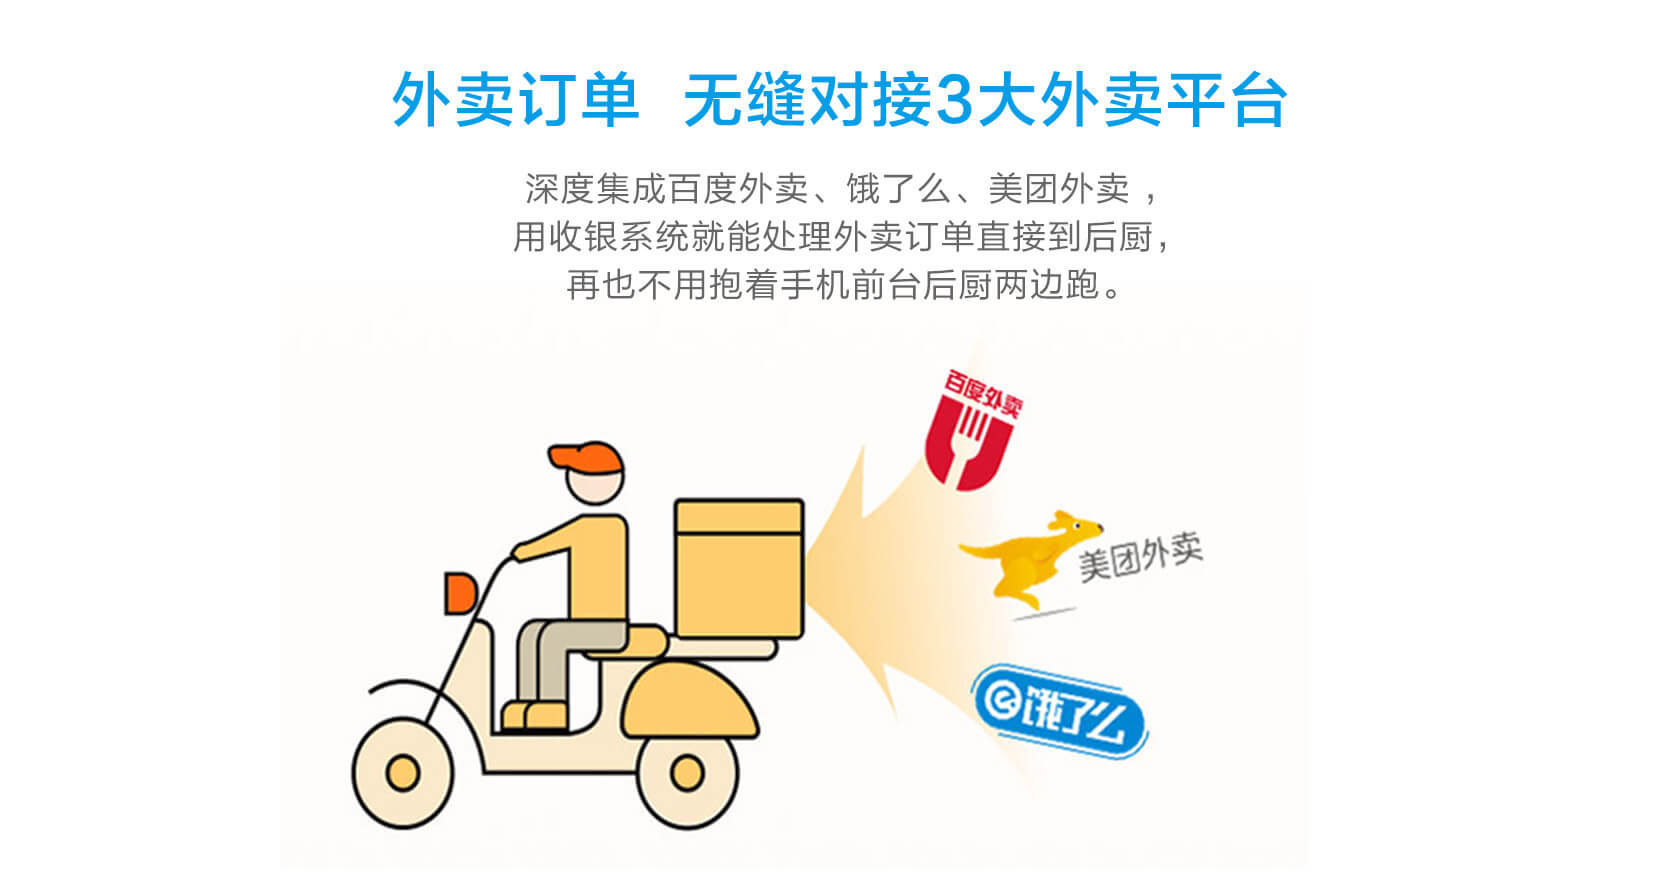 扫码收款机_超市收银机_成都收银机_拉卡拉收银机